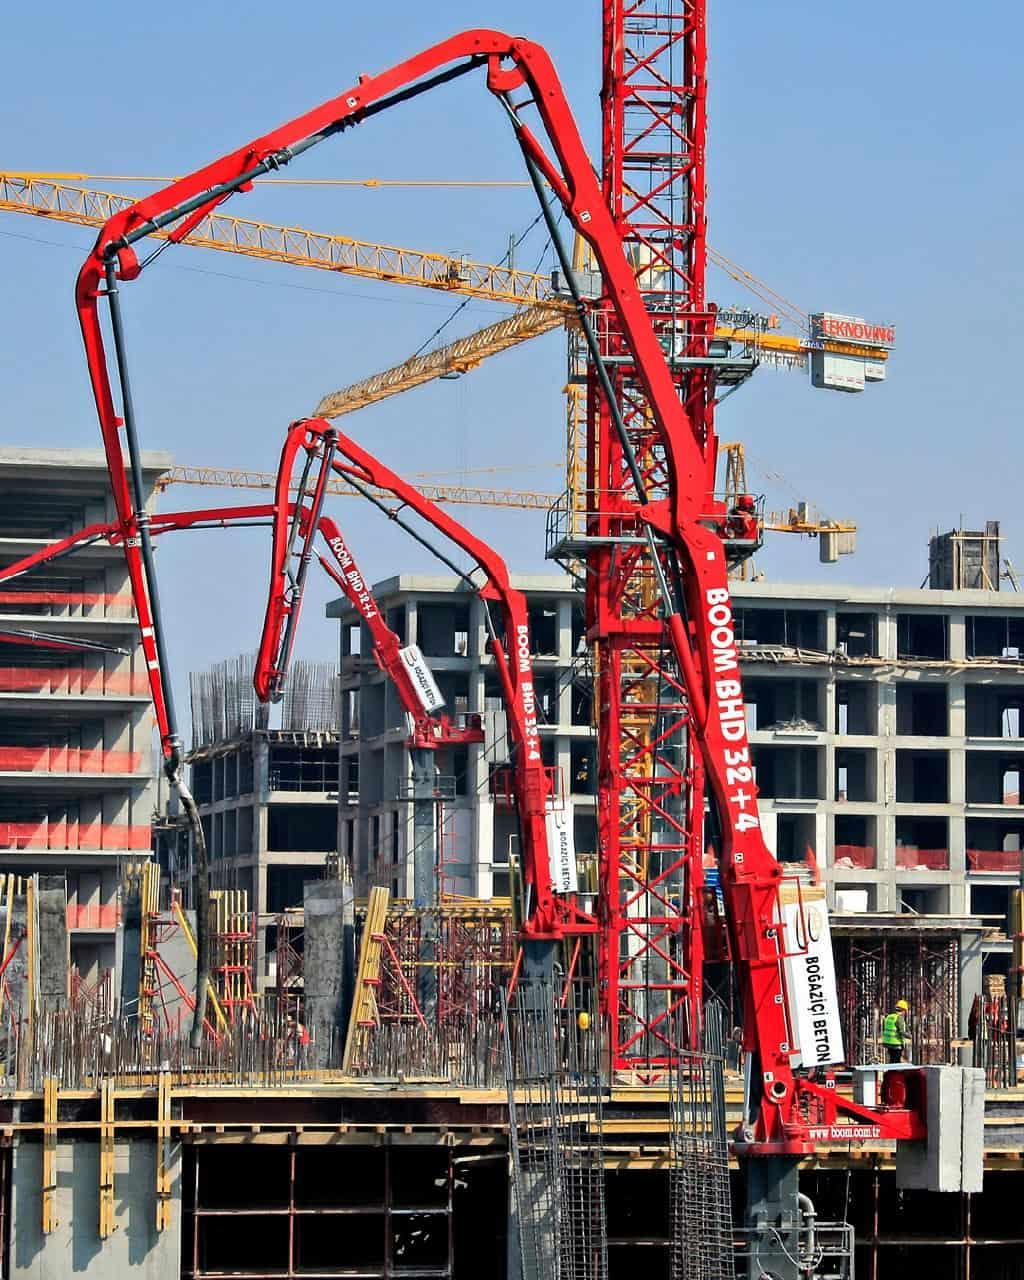 """МГК """"Вирамакс"""" выводит на строительный рынок Казахстана бетонораздаточные стрелы c рабочим диапазоном более 3 тыс квадратных метров"""